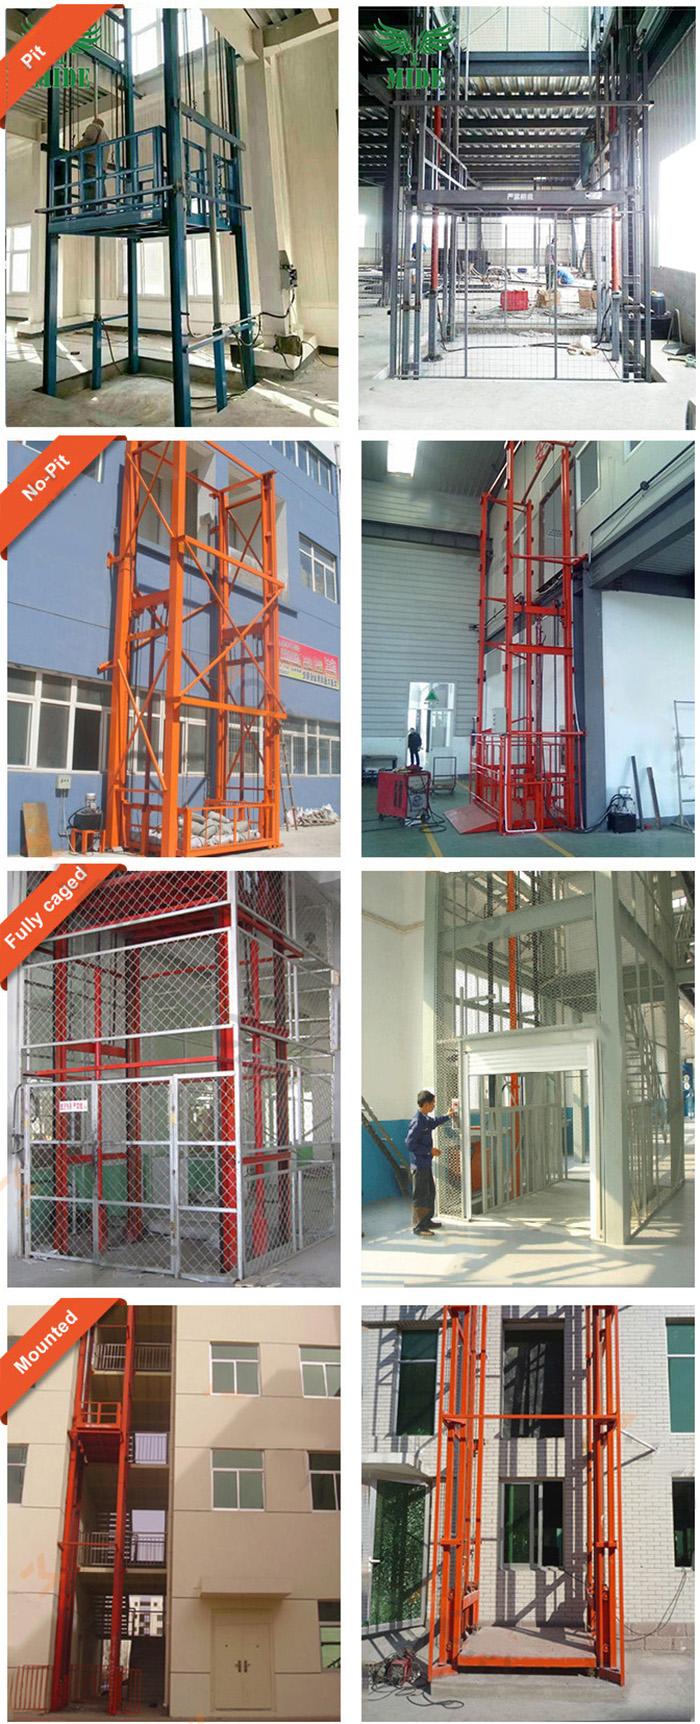 Vertical Freight Lift